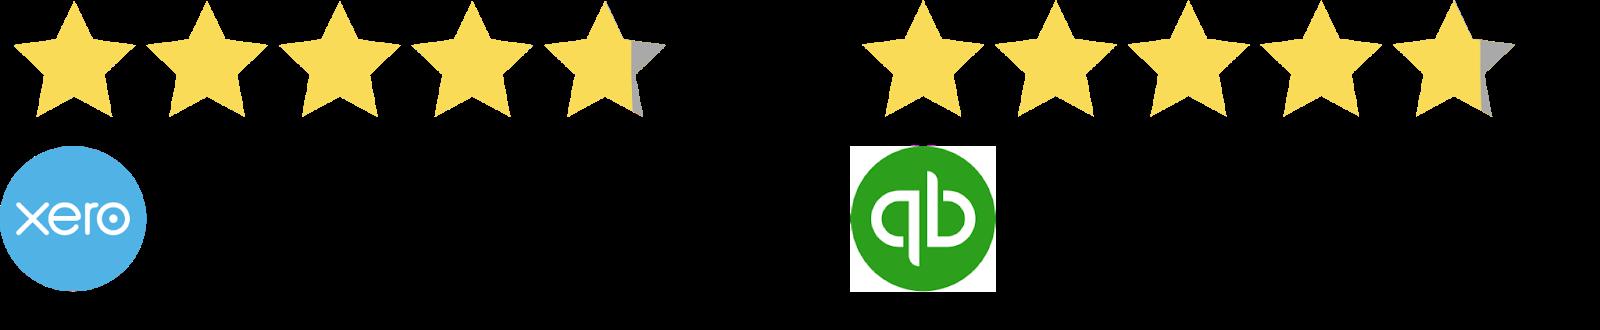 xero-quickbook-rating